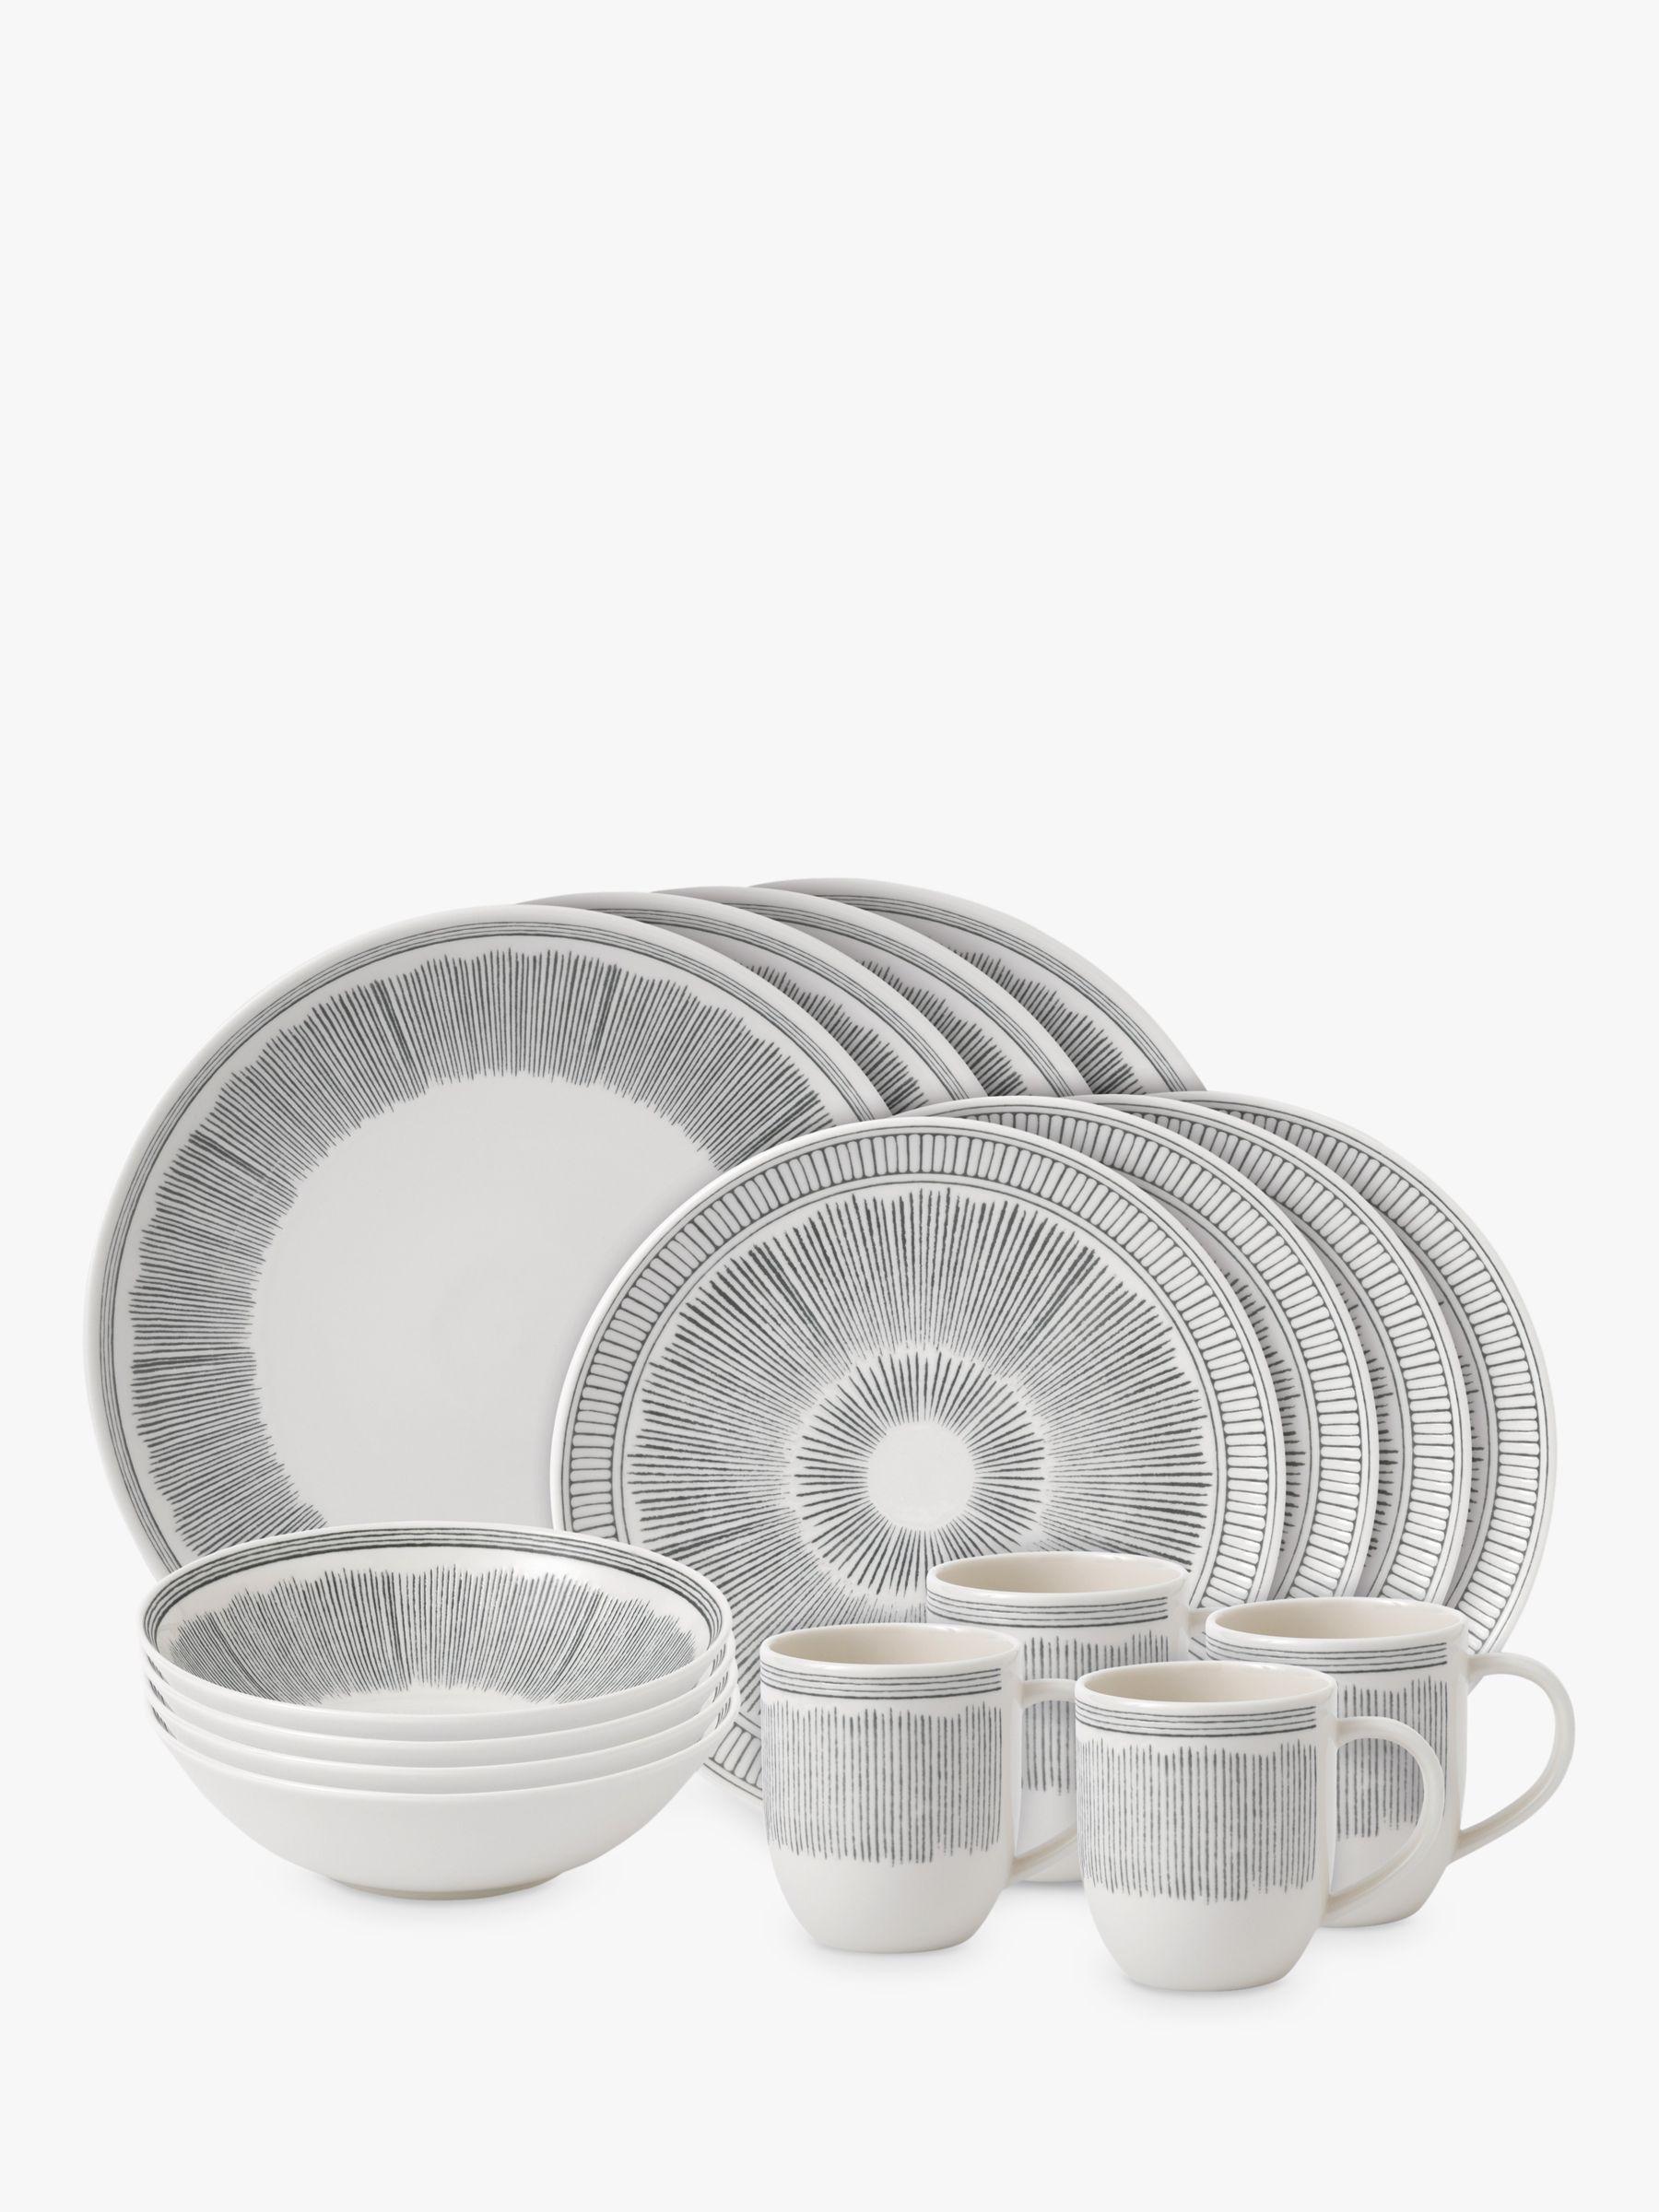 Royal Doulton ED Ellen DeGeneres for Royal Doulton Charcoal Grey Lines Porcelain Set, 16 Piece